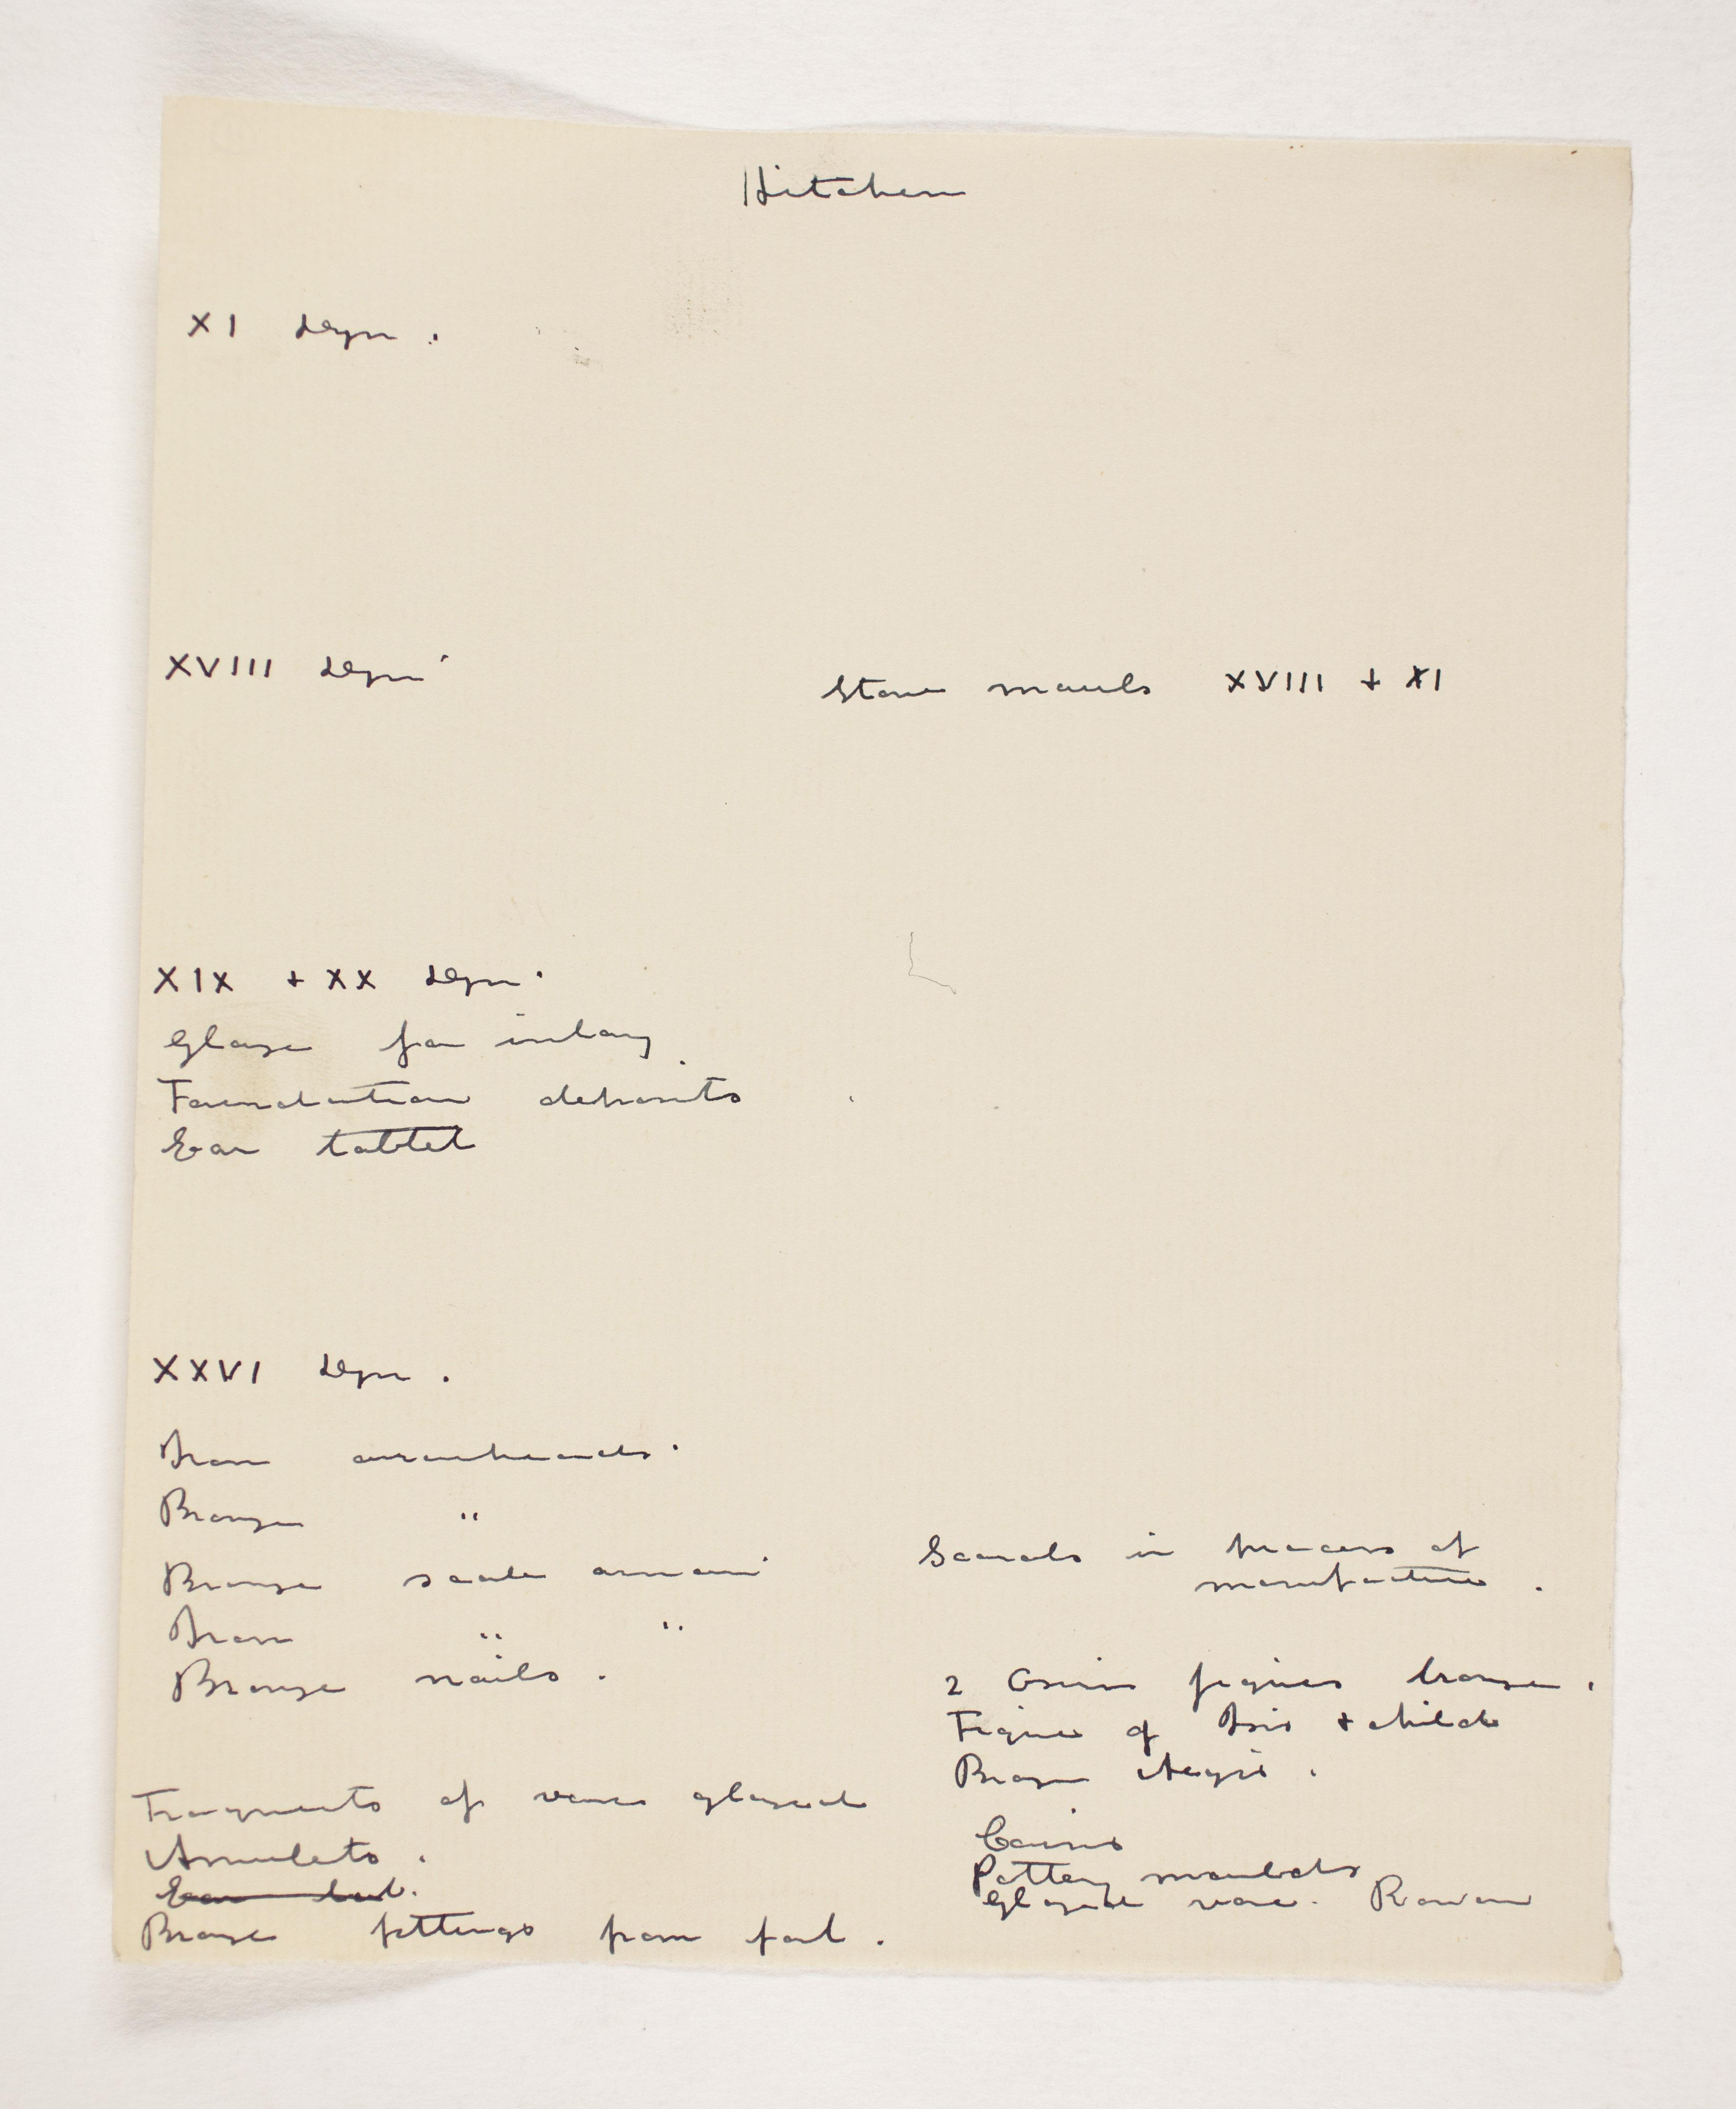 1908-09 Qurneh, Memphis Individual institution list  PMA/WFP1/D/17/4